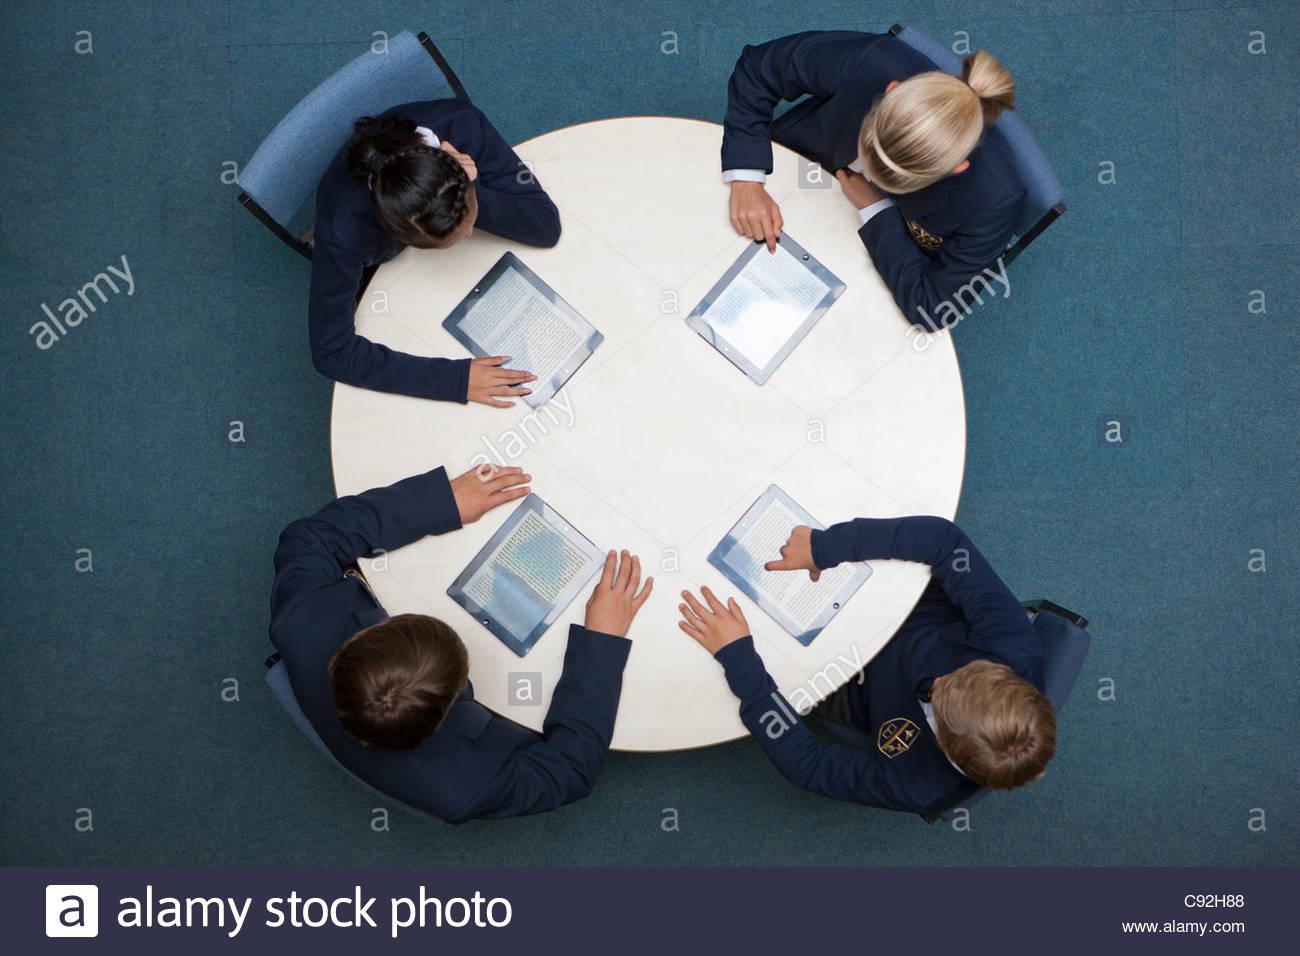 Gli studenti in uniformi di scuola usando compresse digitale ad una tavola rotonda Immagini Stock